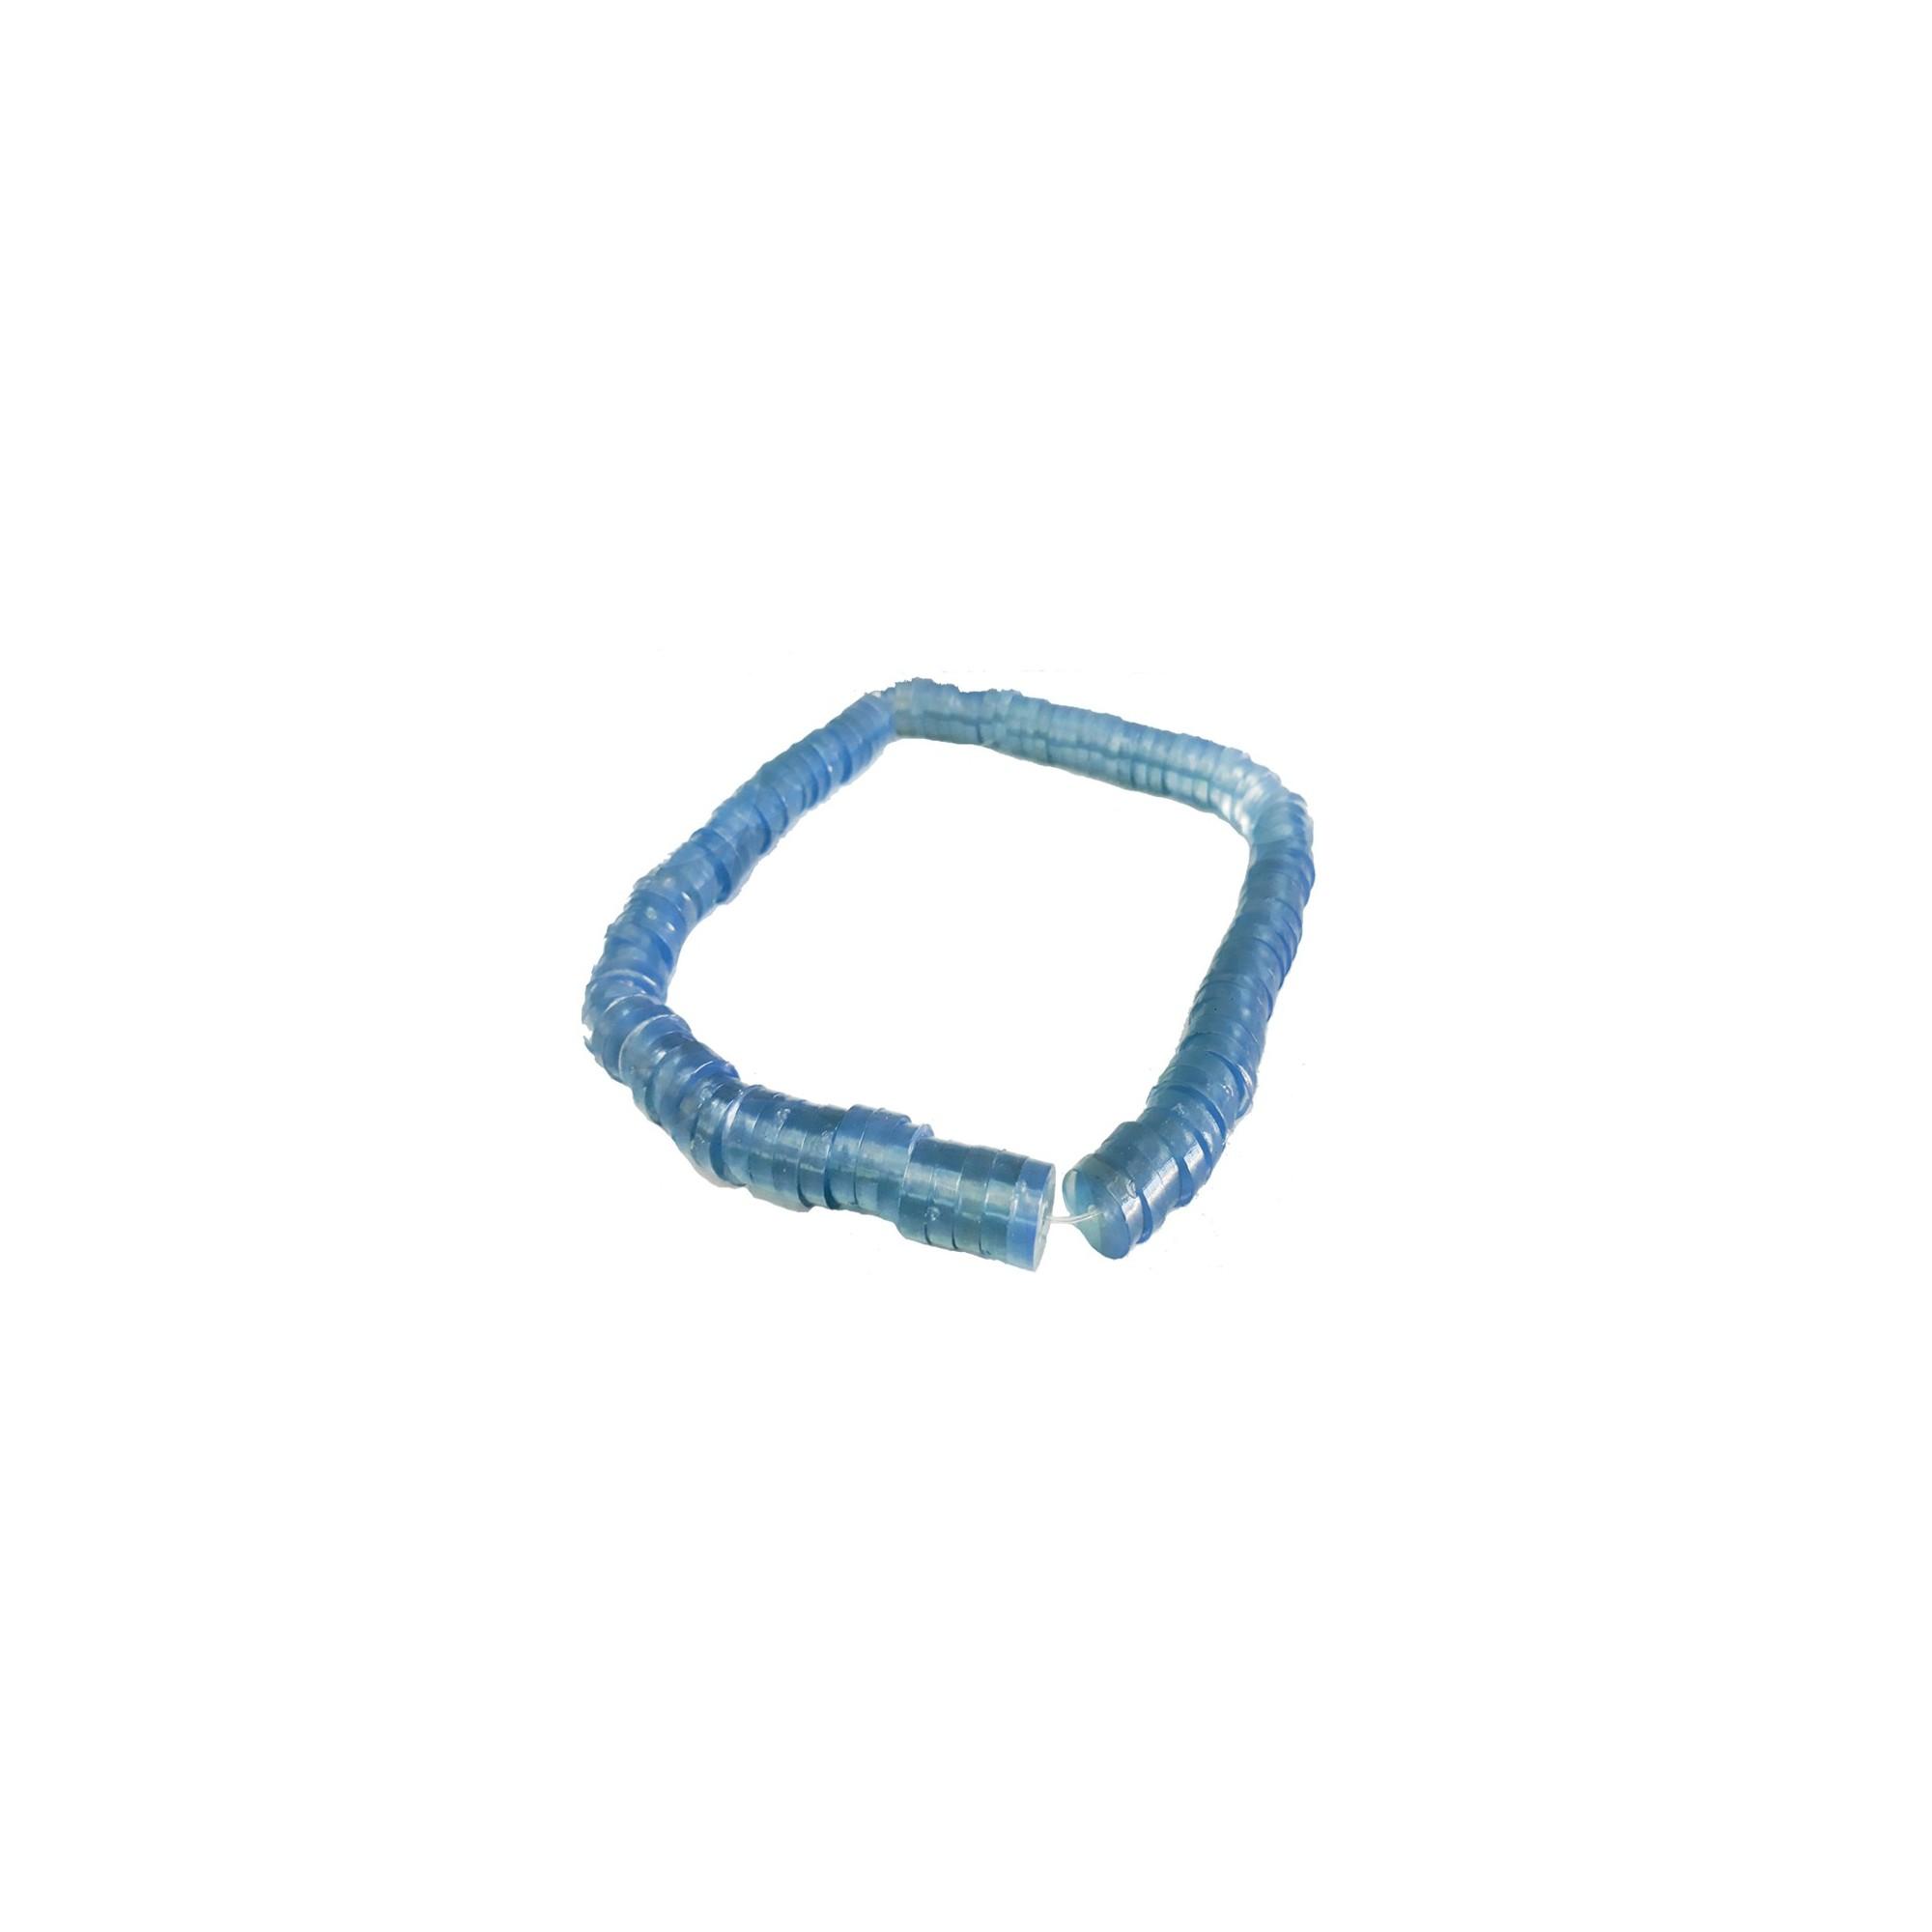 Упаковка силиконовых прокладок 100 шт таблетка отечественная ПВХ J.G. - 1